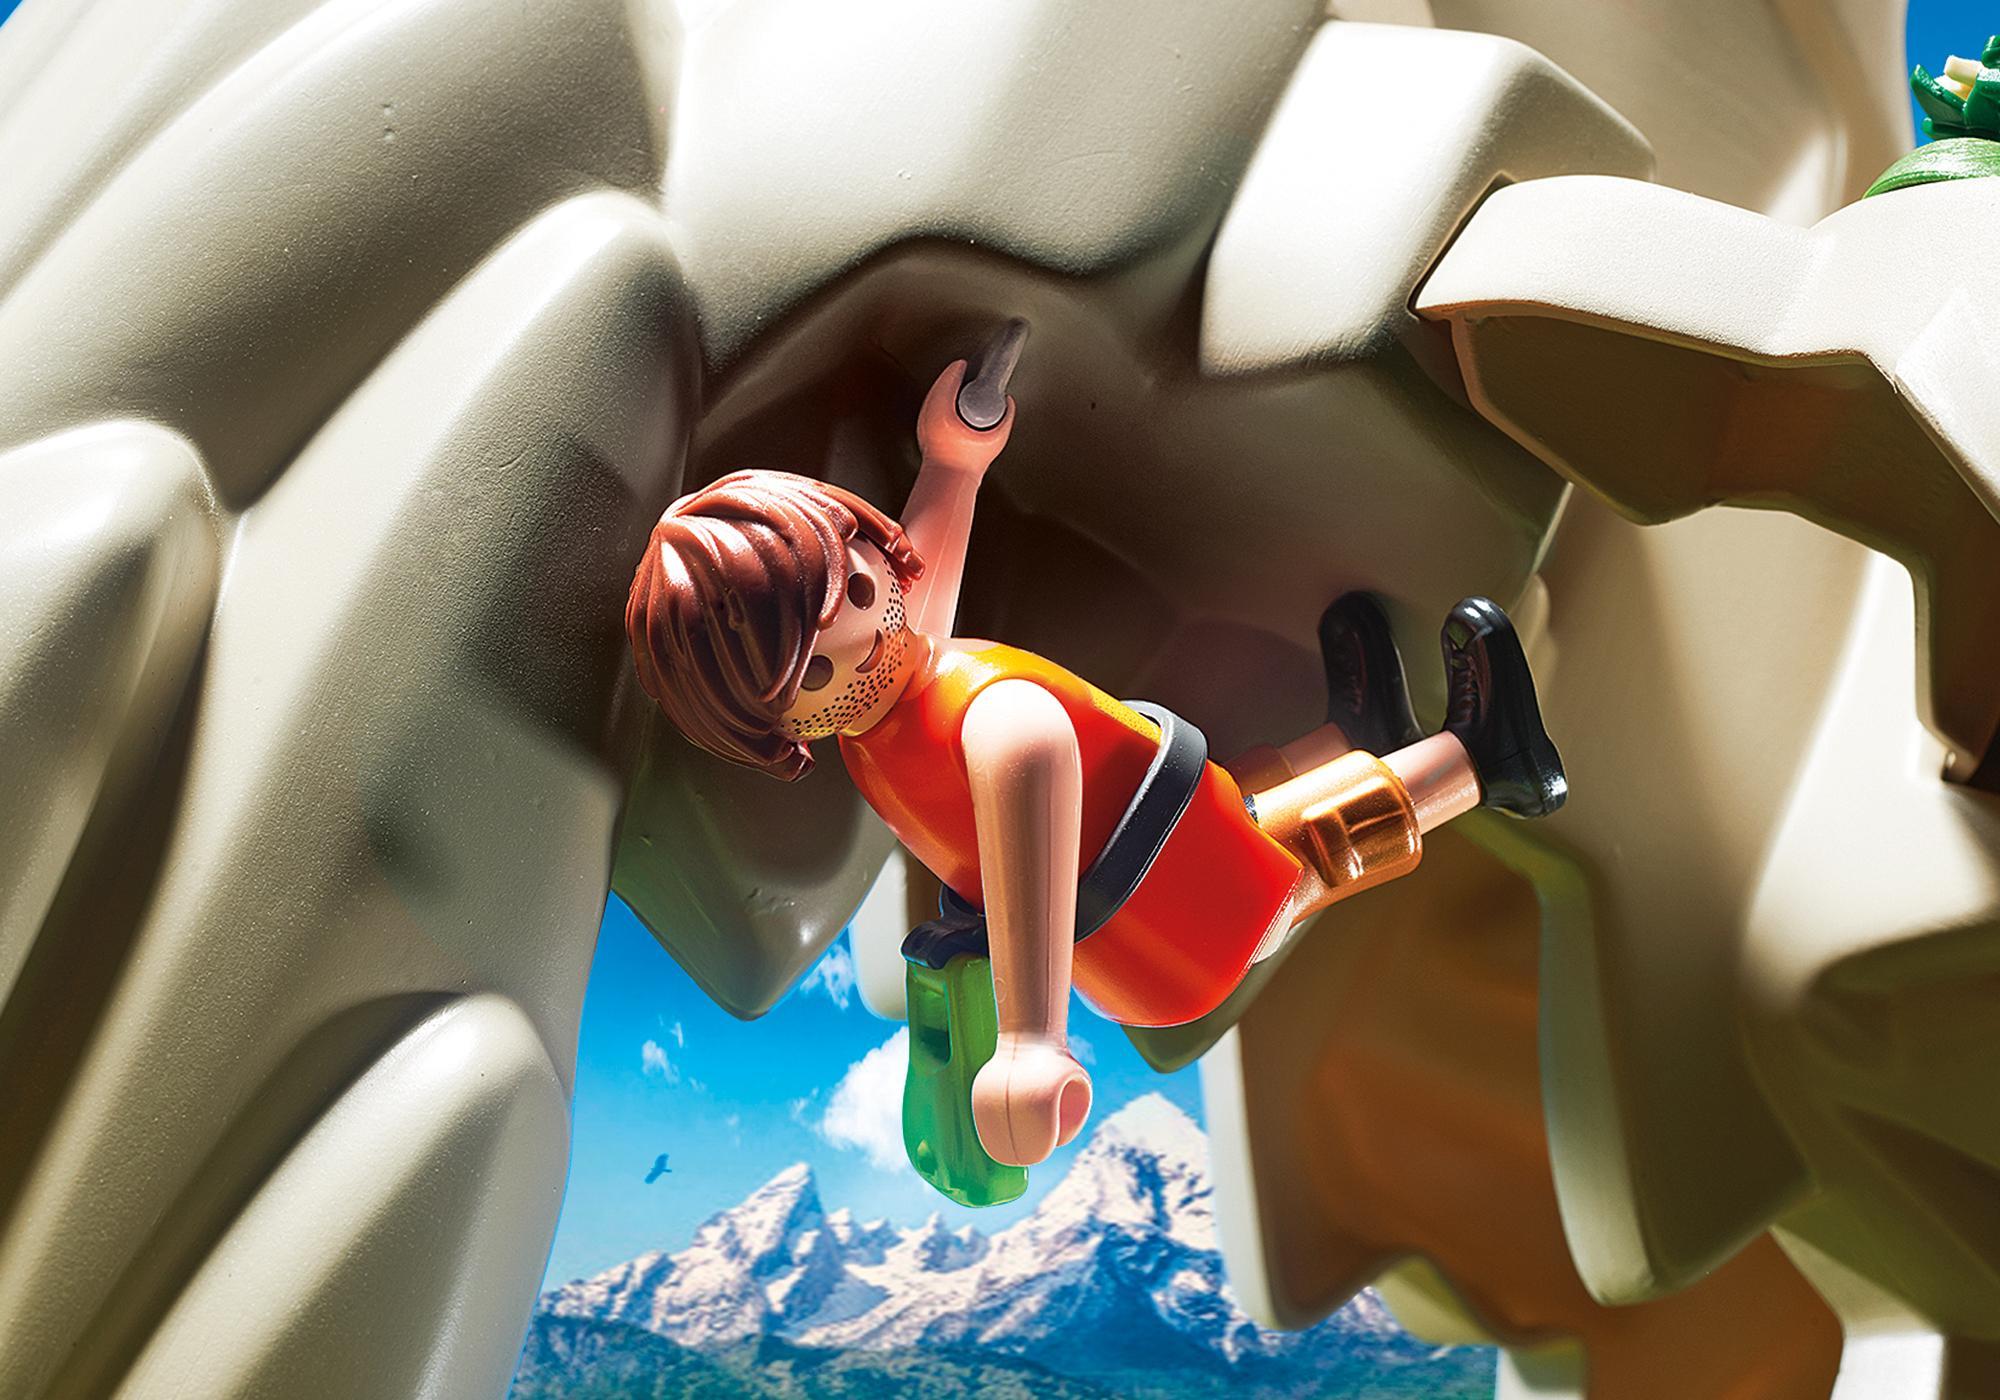 http://media.playmobil.com/i/playmobil/9126_product_extra1/Rocher d'escalade avec espace d'accueil